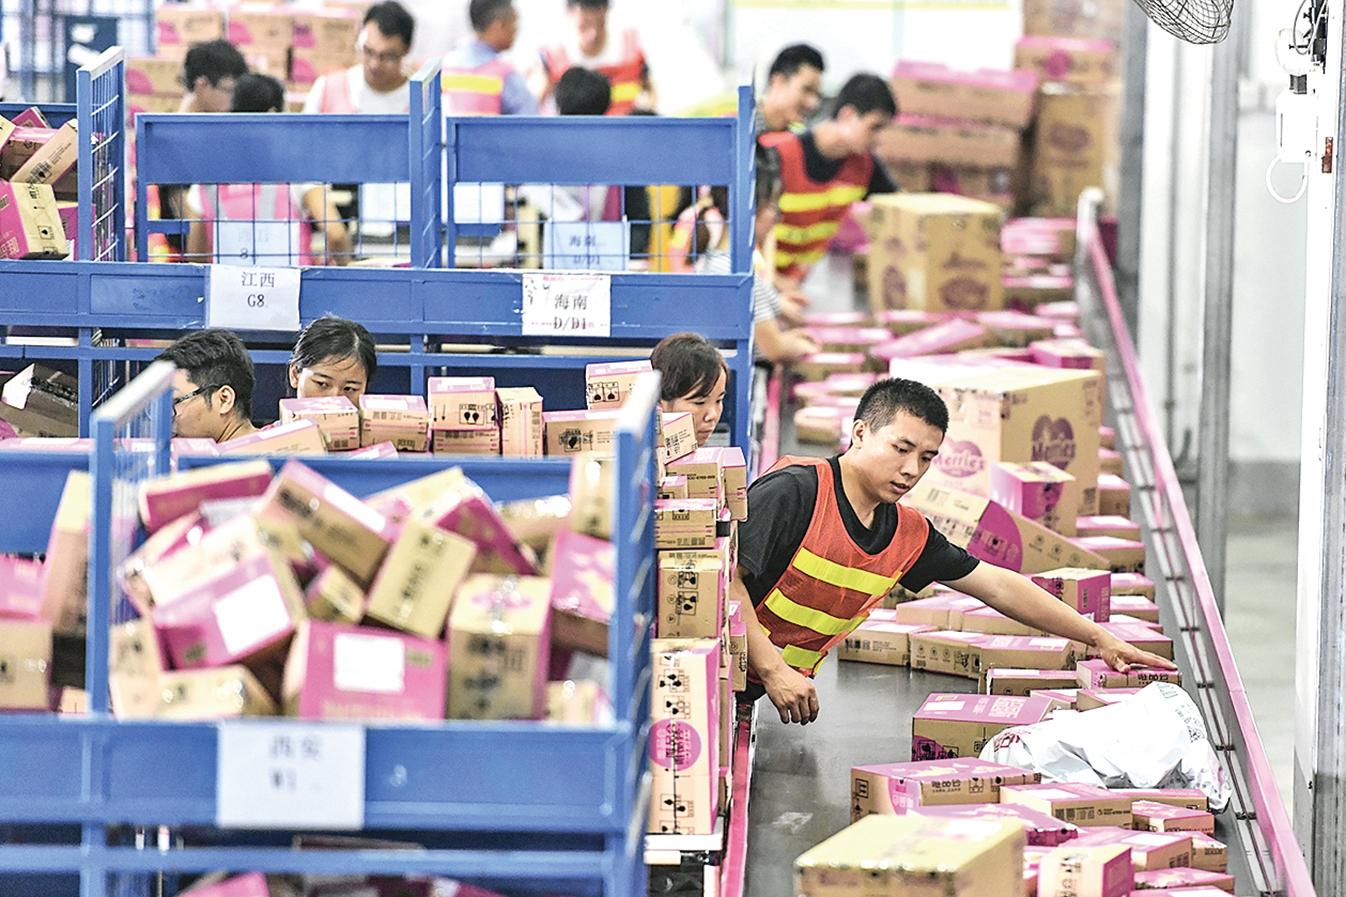 中國大陸企業為躲避美國加徵關稅,偷換海關編碼。圖為2017 年11月,廣州南沙保稅倉內景。(大紀元資料室)